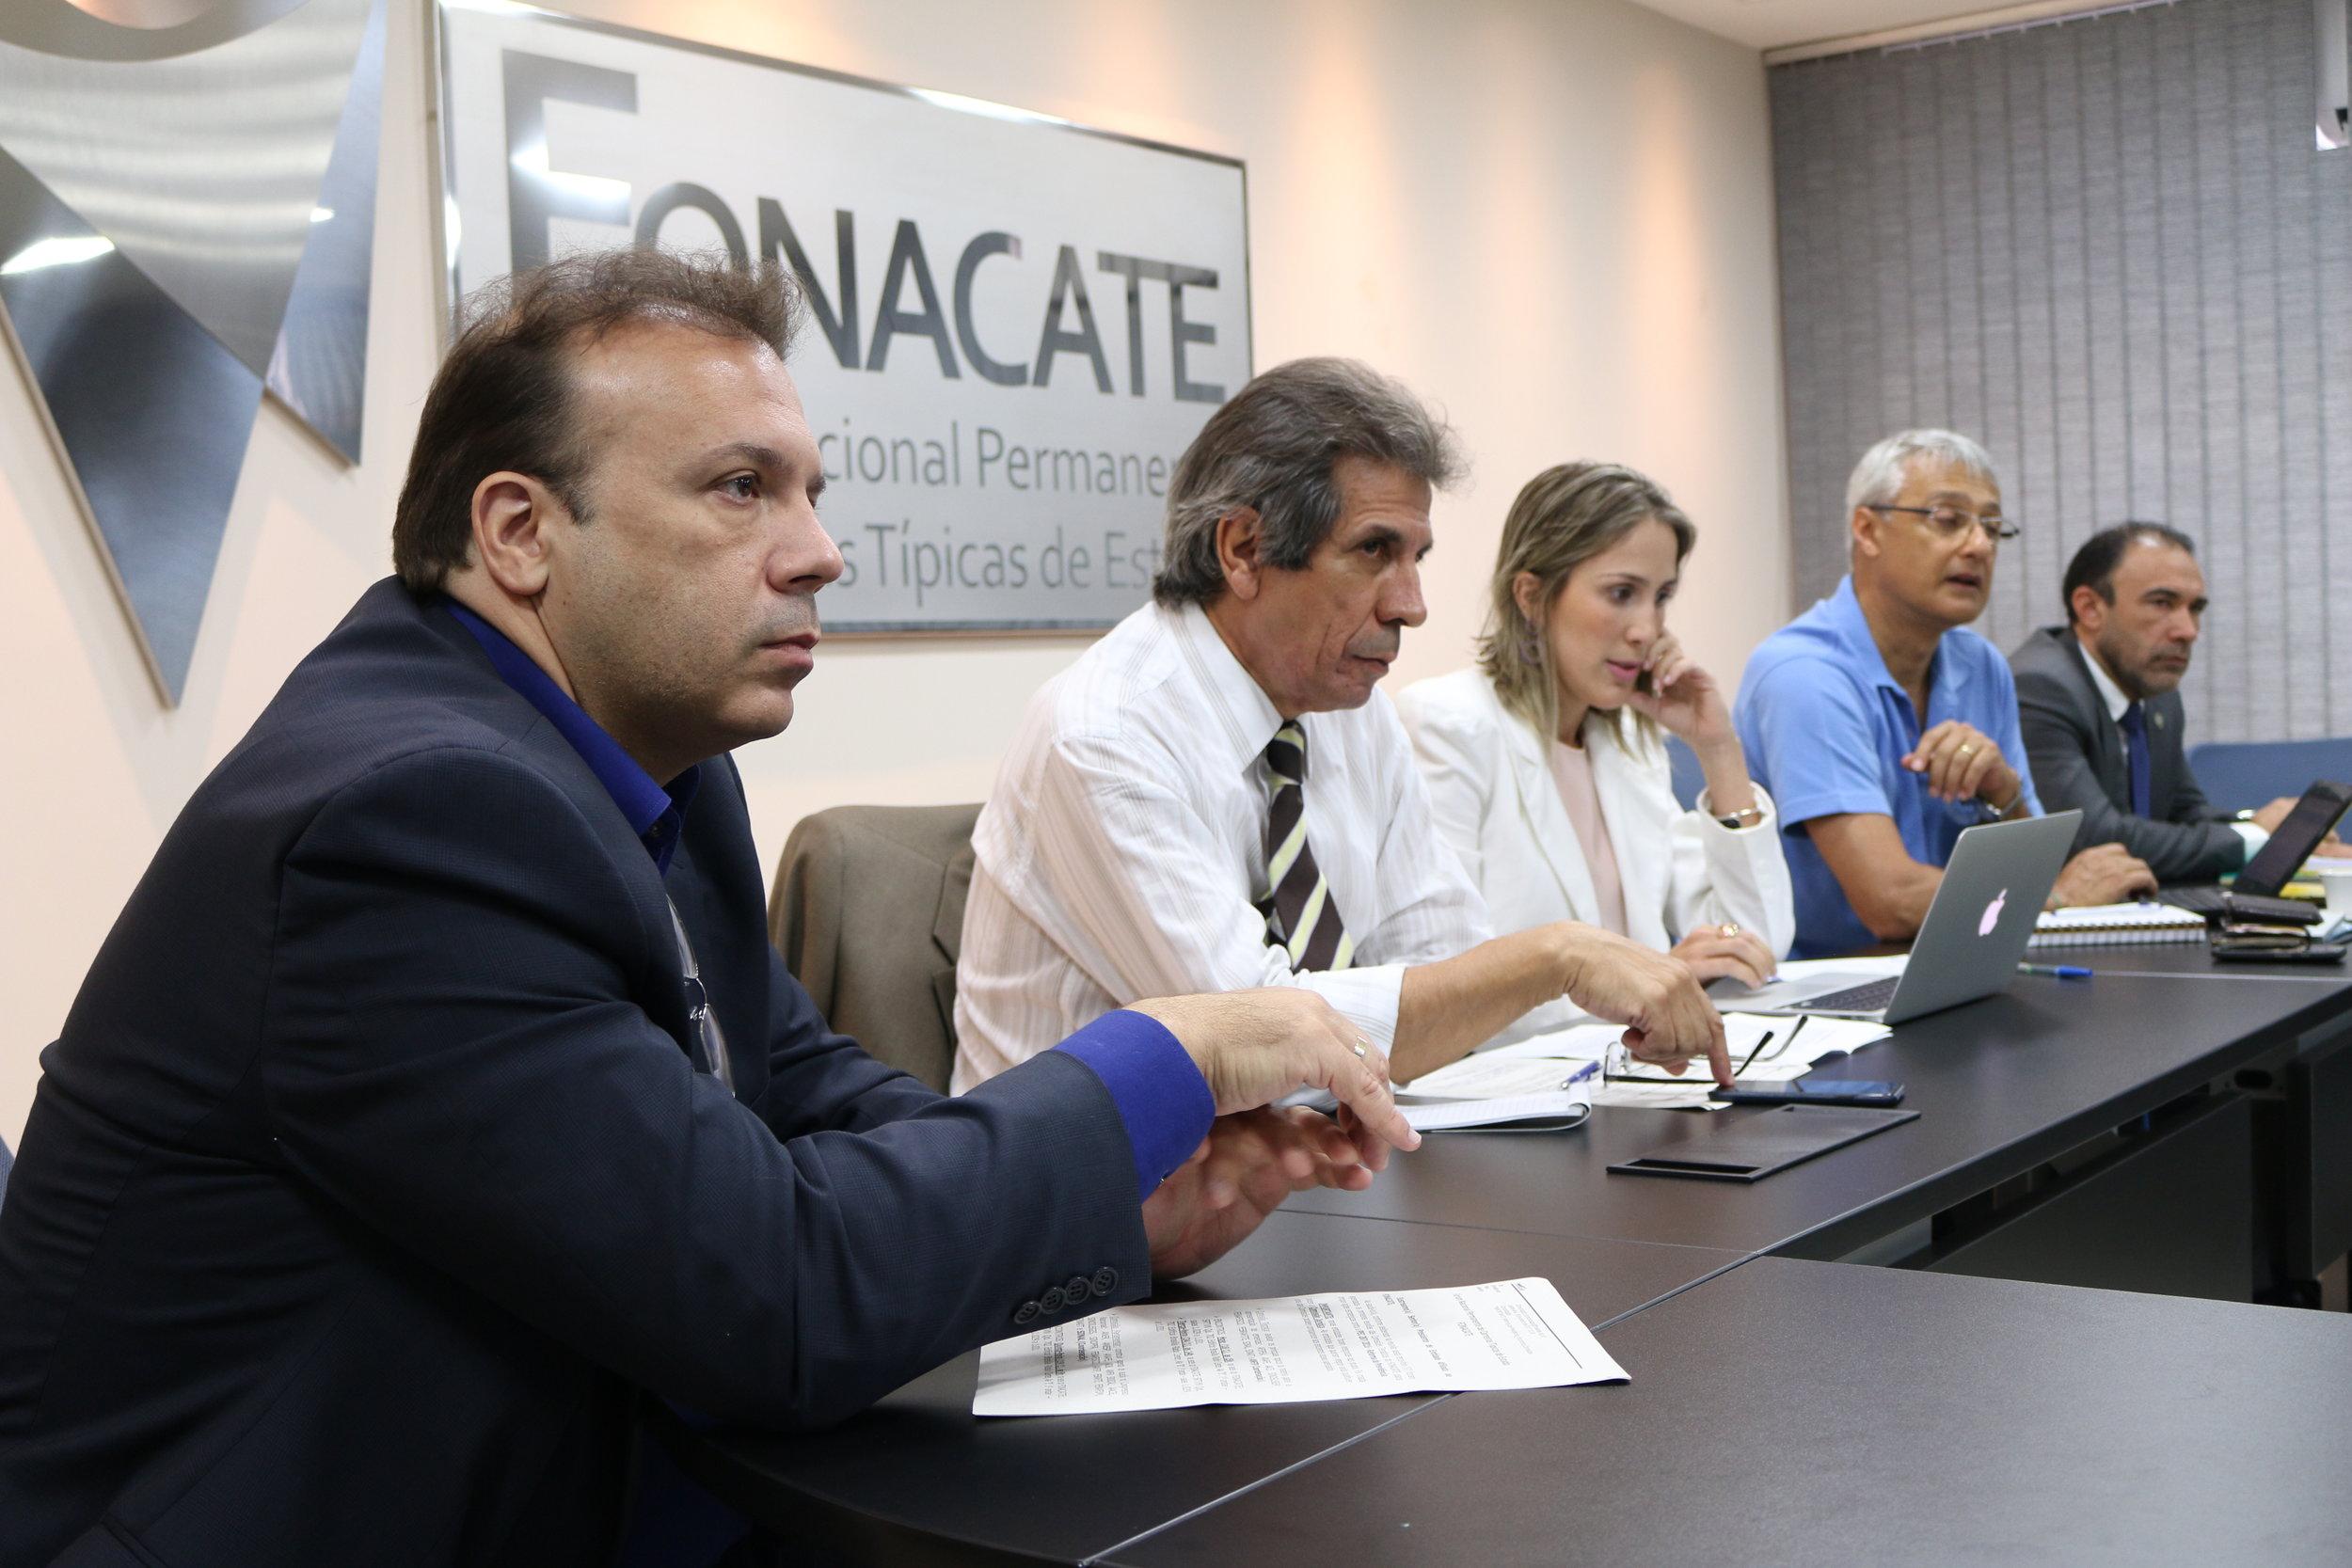 Diretores de Assuntos Profissionais da ANESP, Paulo Paiva, durante encontro. Foto: Filipe Calmon / ANESP